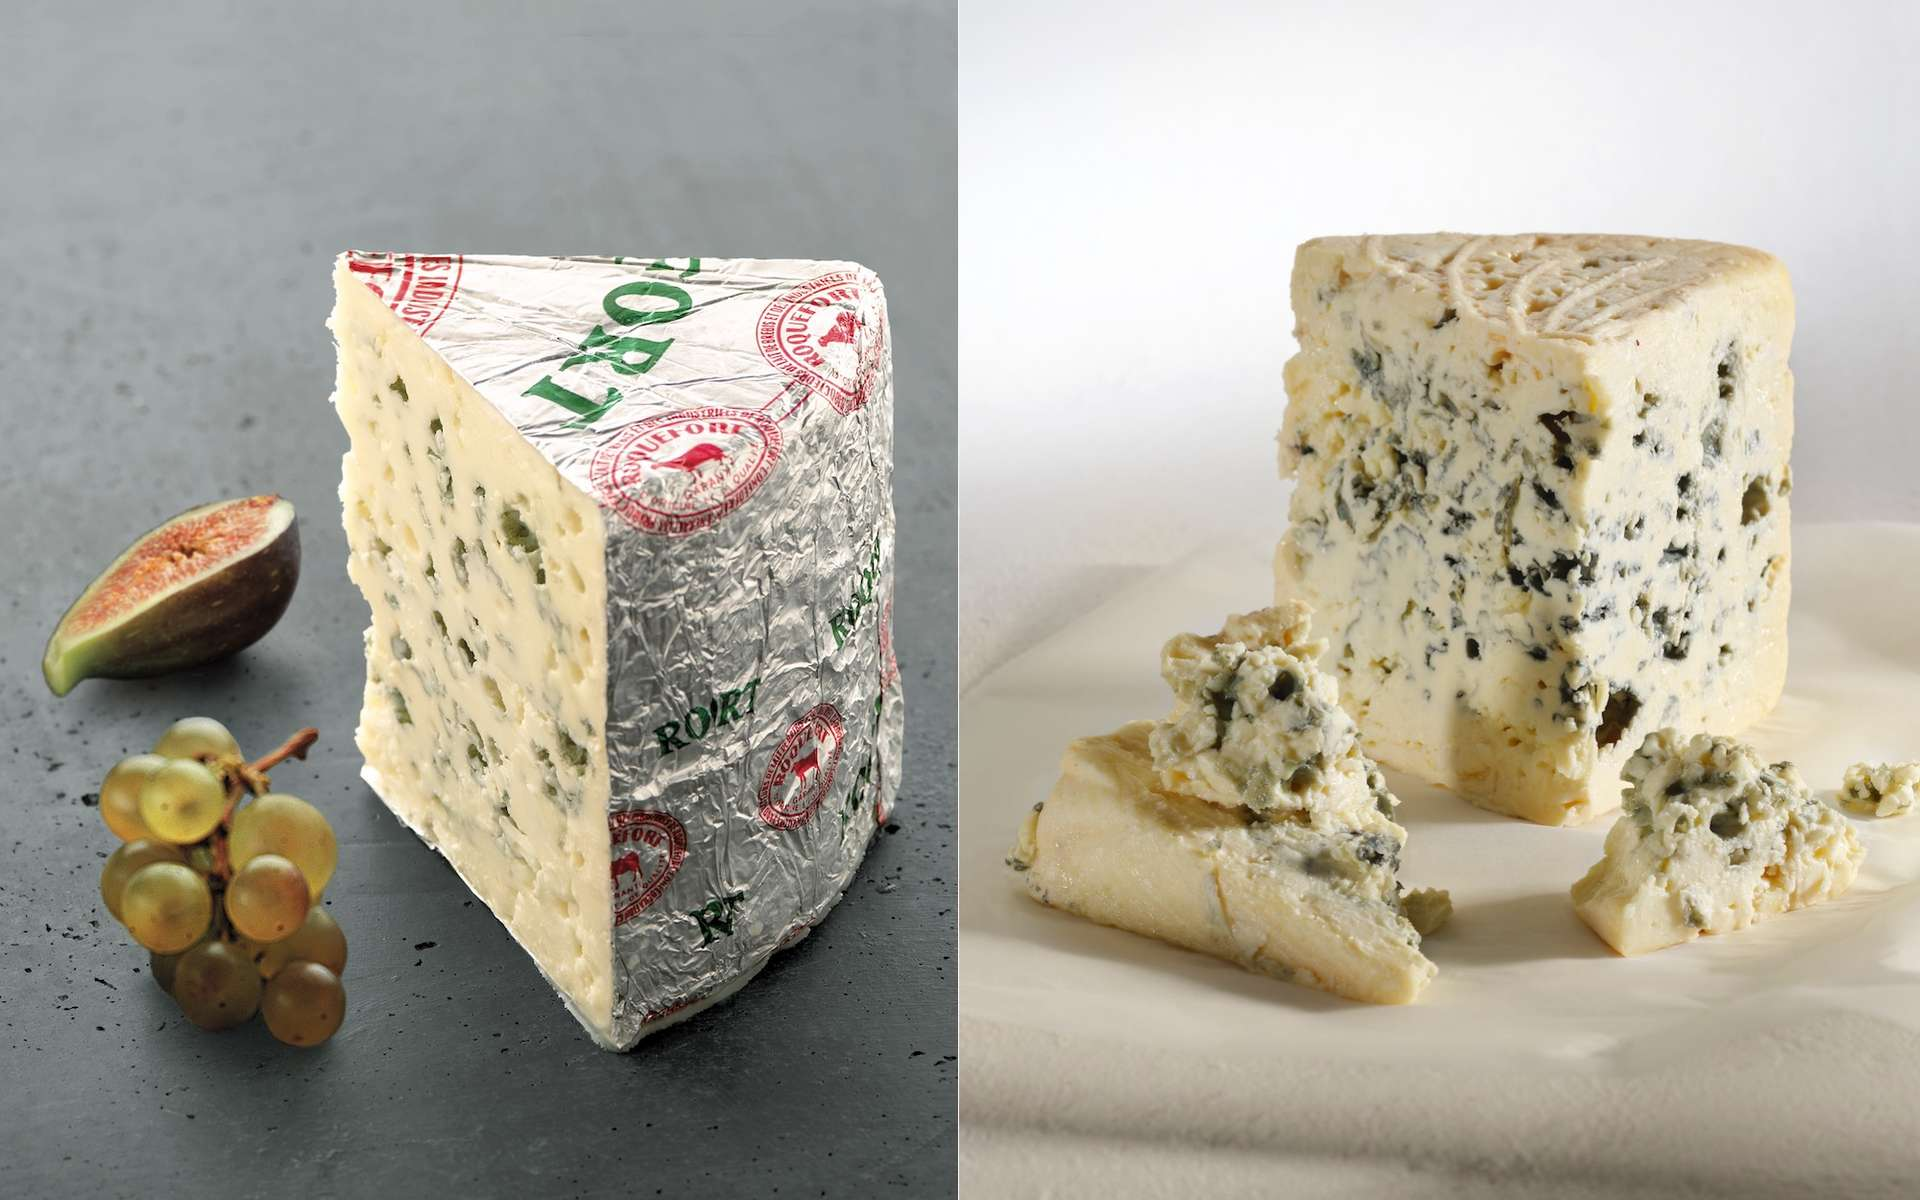 Le roquefort est fabriqué à partir de lait de brebis, tandis que le bleu est fabriqué avec du lait de vache. © PL.Viel, Cniel ; V.Ribaut, Les Studios Associés, Cniel